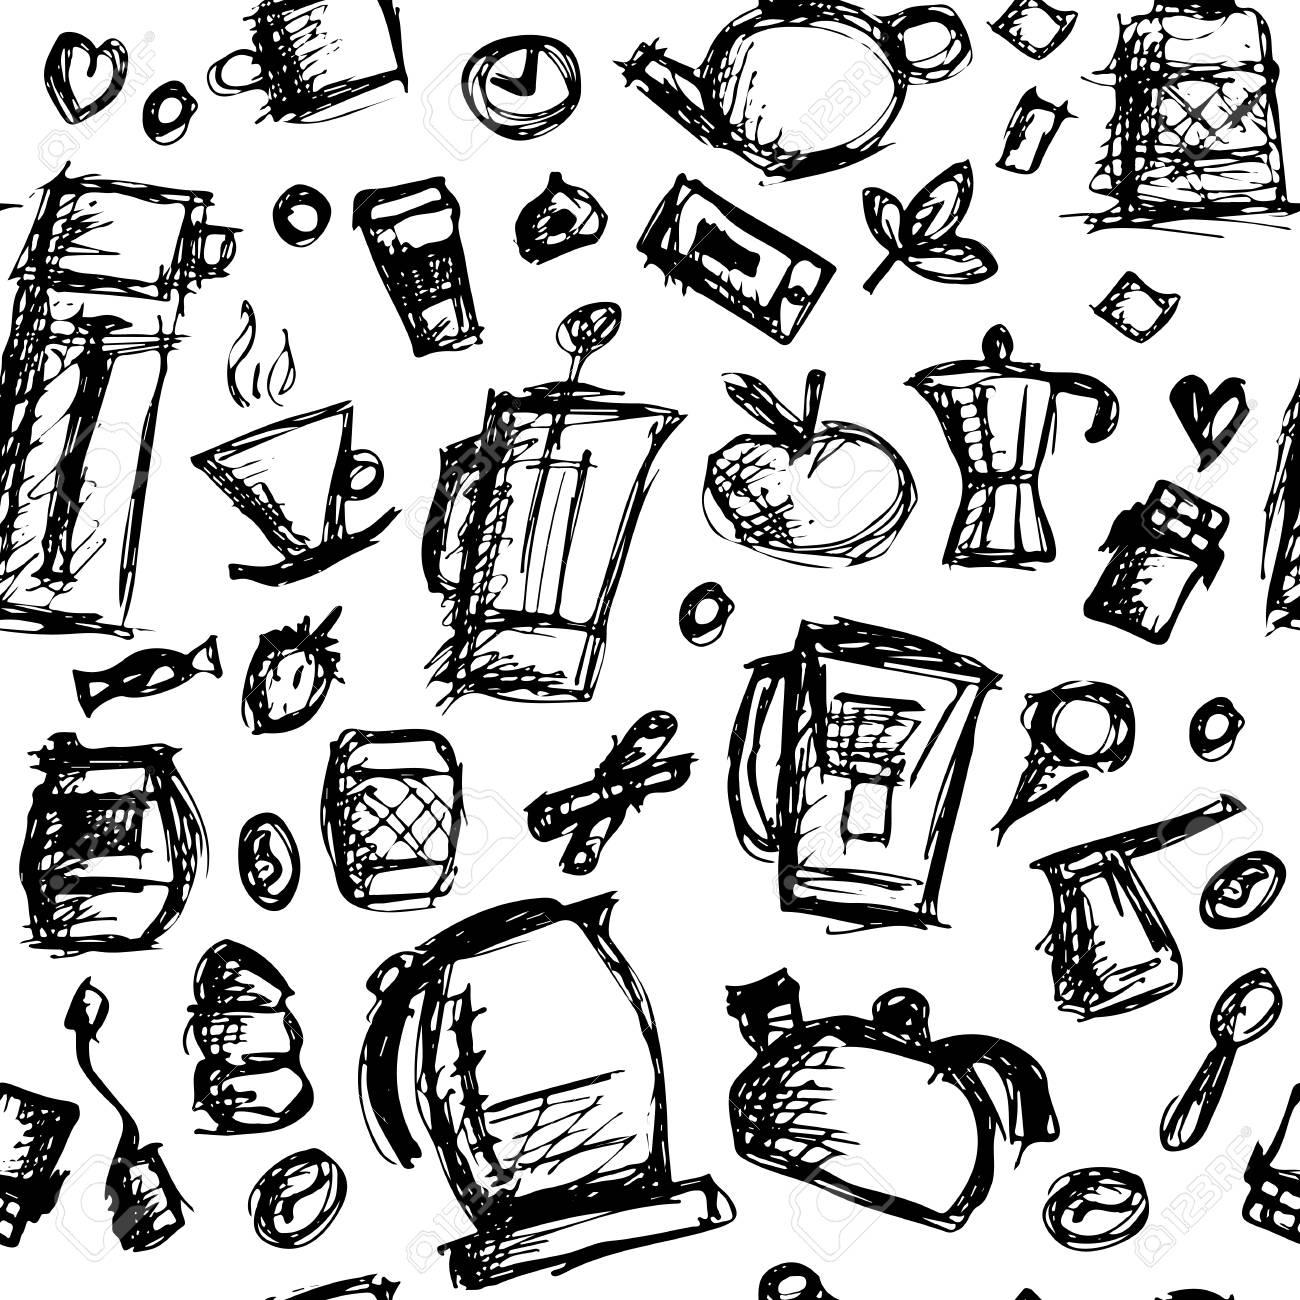 Kuchenutensilien Skizze Fur Ihr Design Zeichnen Lizenzfrei Nutzbare Vektorgrafiken Clip Arts Illustrationen Image 75072561